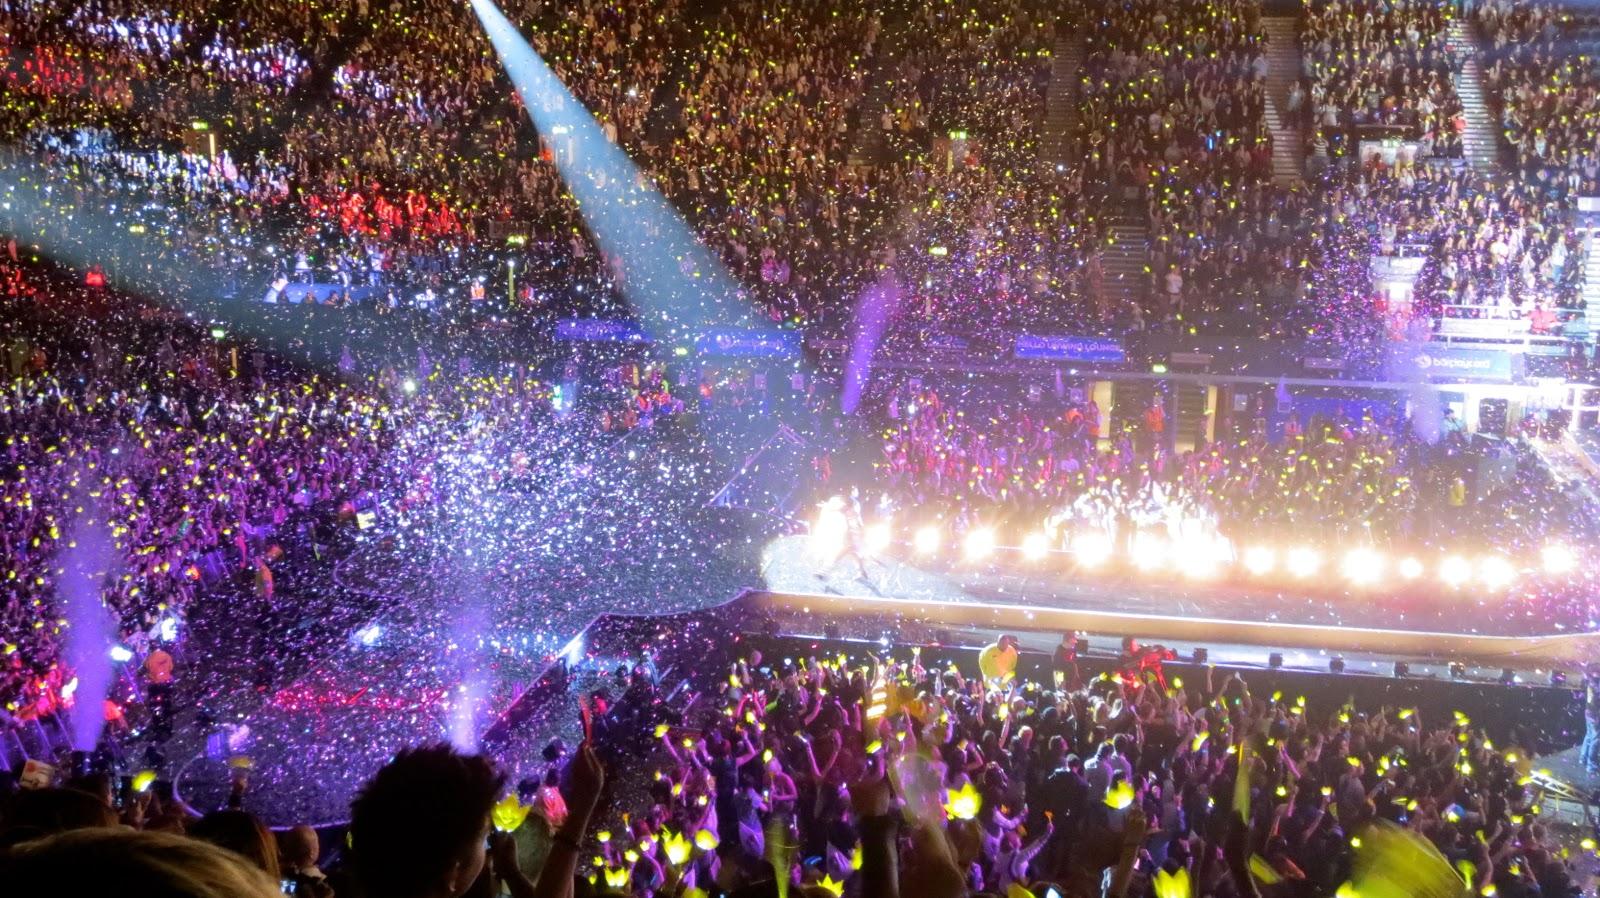 【音楽】BABYMETAL、東京ドーム追加公演決定! 史上最大11万人でメタルの祭典を敢行 ★2 [無断転載禁止]©2ch.netYouTube動画>67本 dailymotion>2本 ->画像>251枚